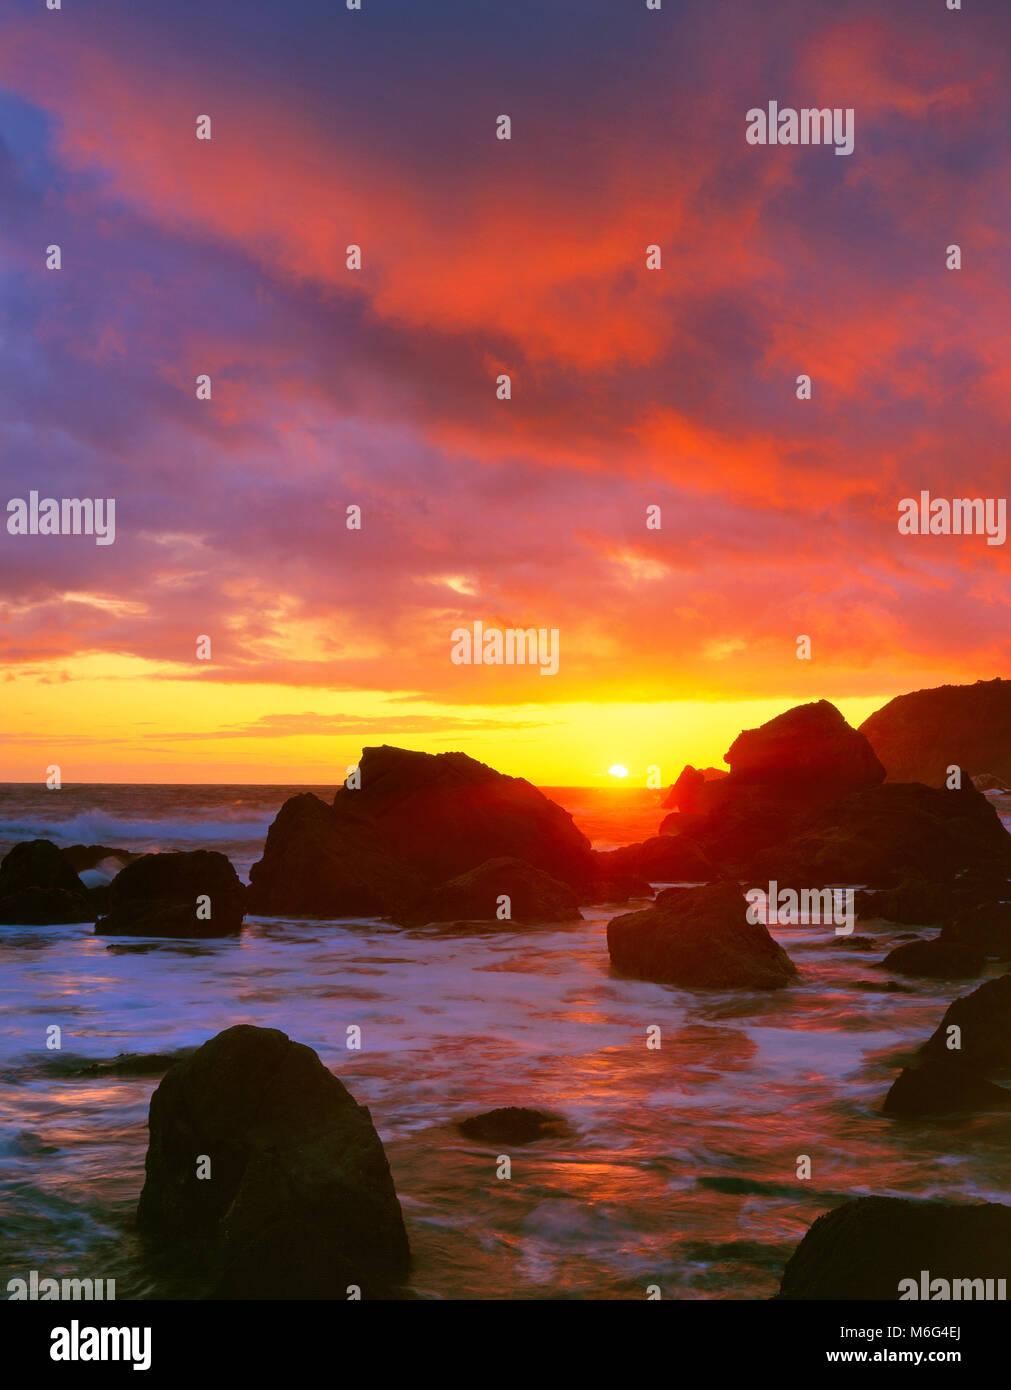 Sonnenuntergang, Strand, Golden Gate National Recreation Area, Marin County, Kalifornien Stockbild